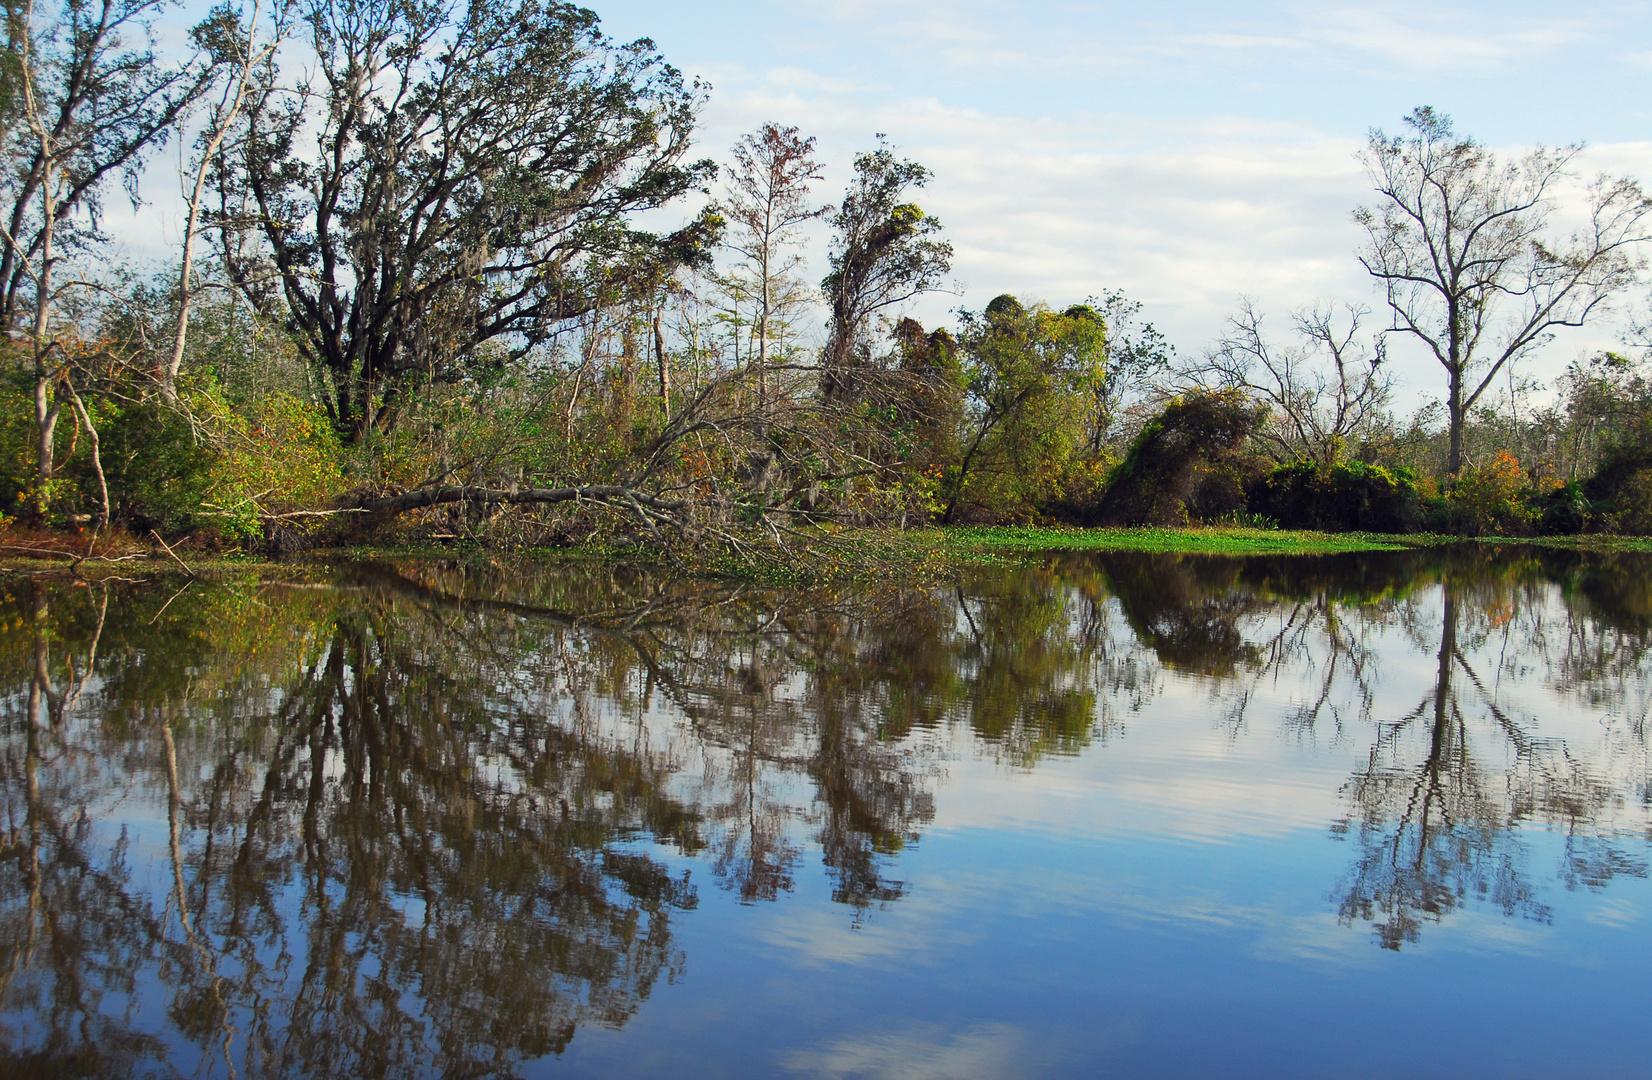 Louisiana-Sumpf